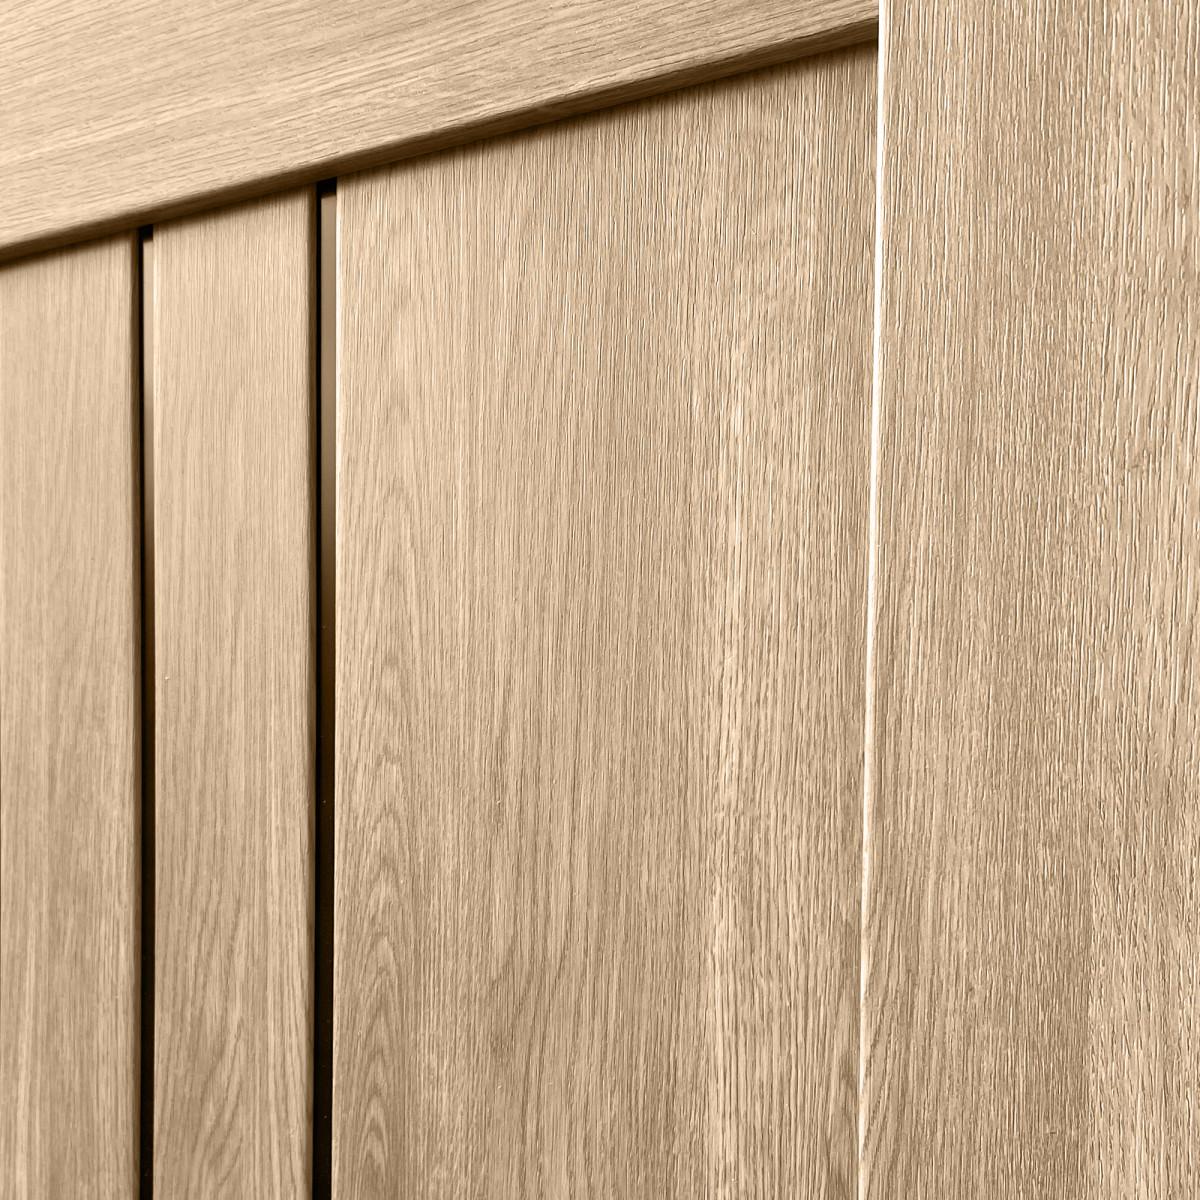 Дверь Межкомнатная Остеклённая Бергамо 70Х200 С Фурнитурой Пвх Цвет Европейский Дуб